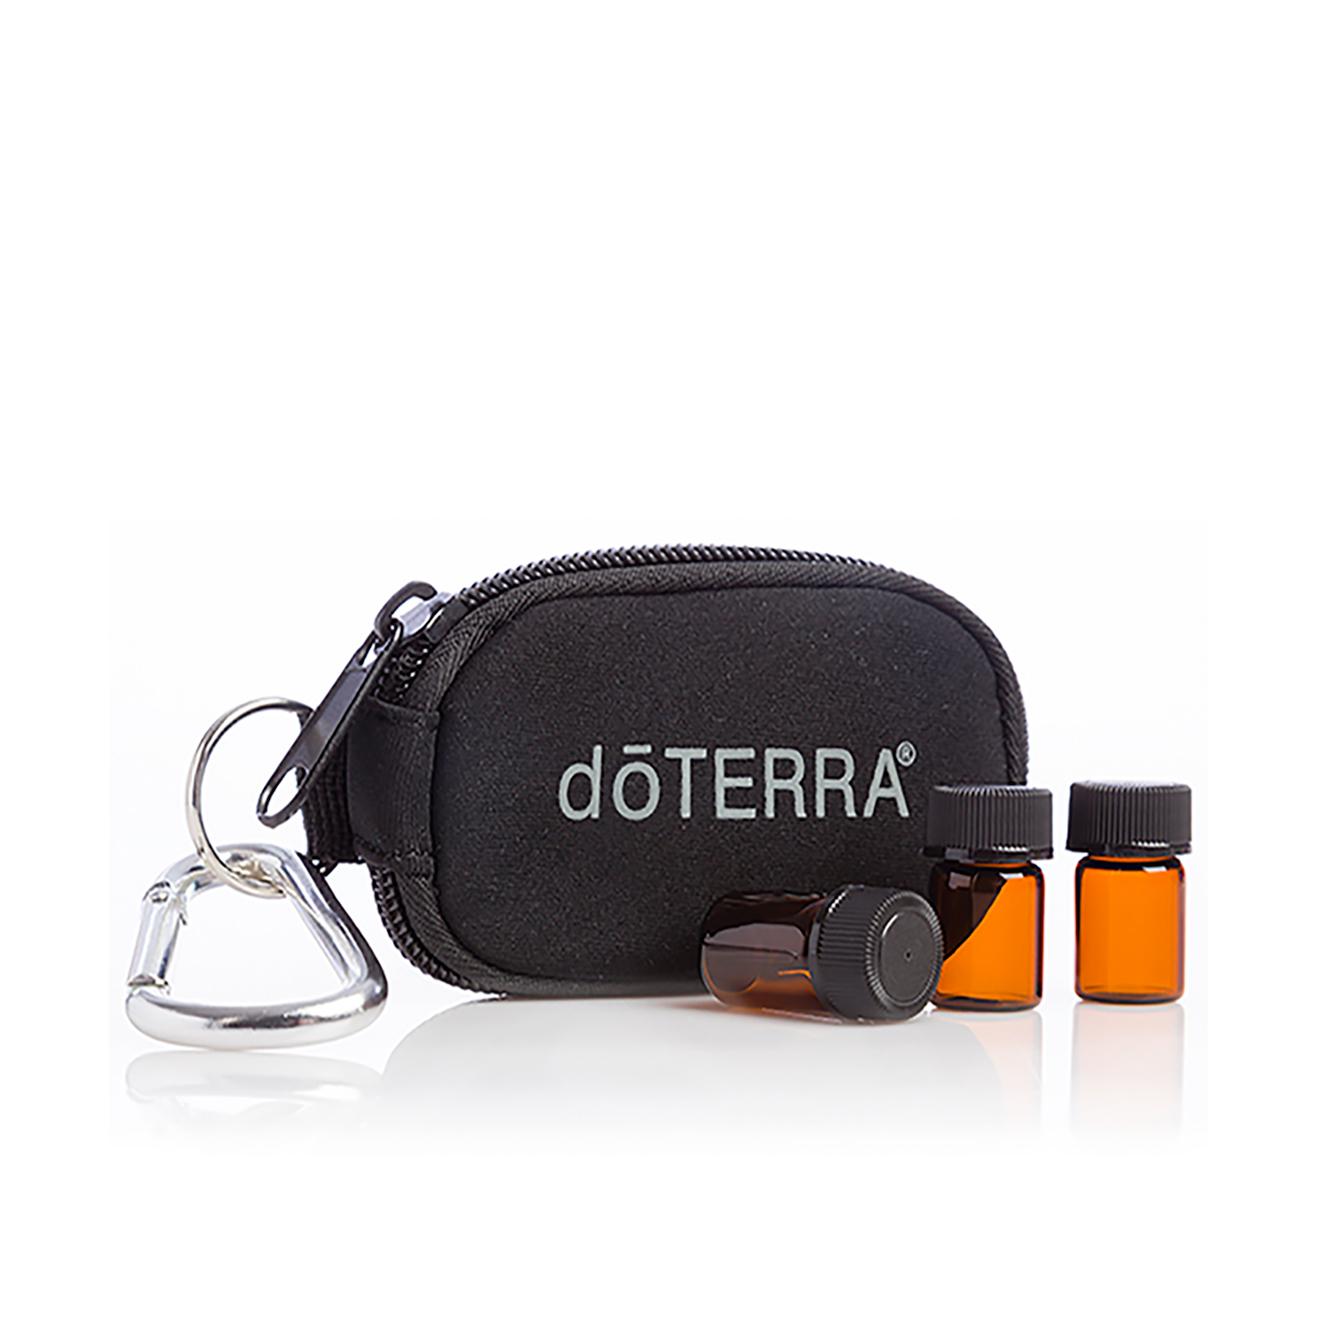 Porte-clé pour huiles essentielles dōTERRA